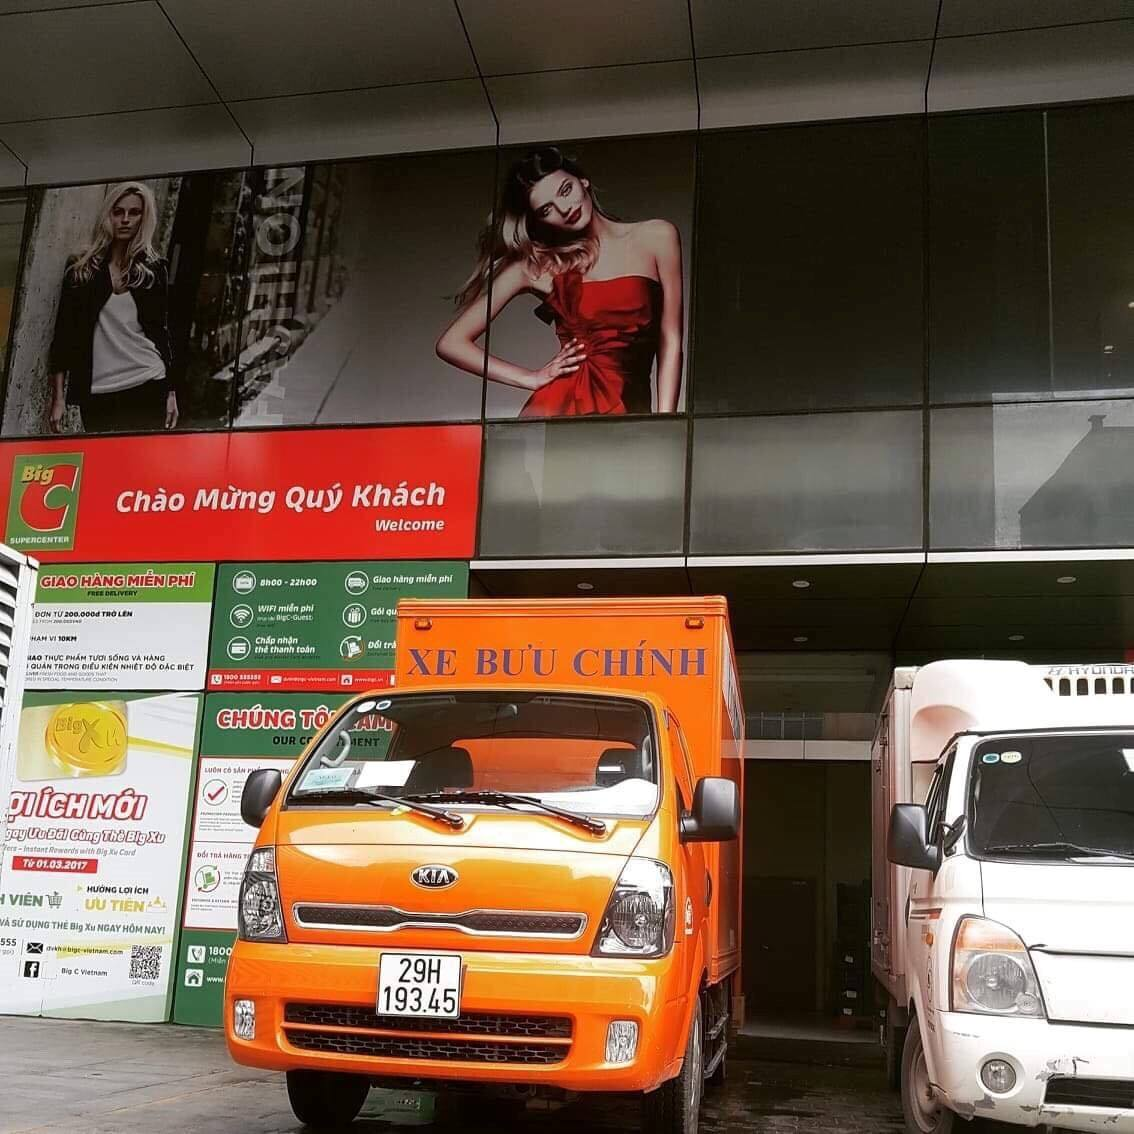 Dịch vụ cho thuê xe tải cùng Ecotrans